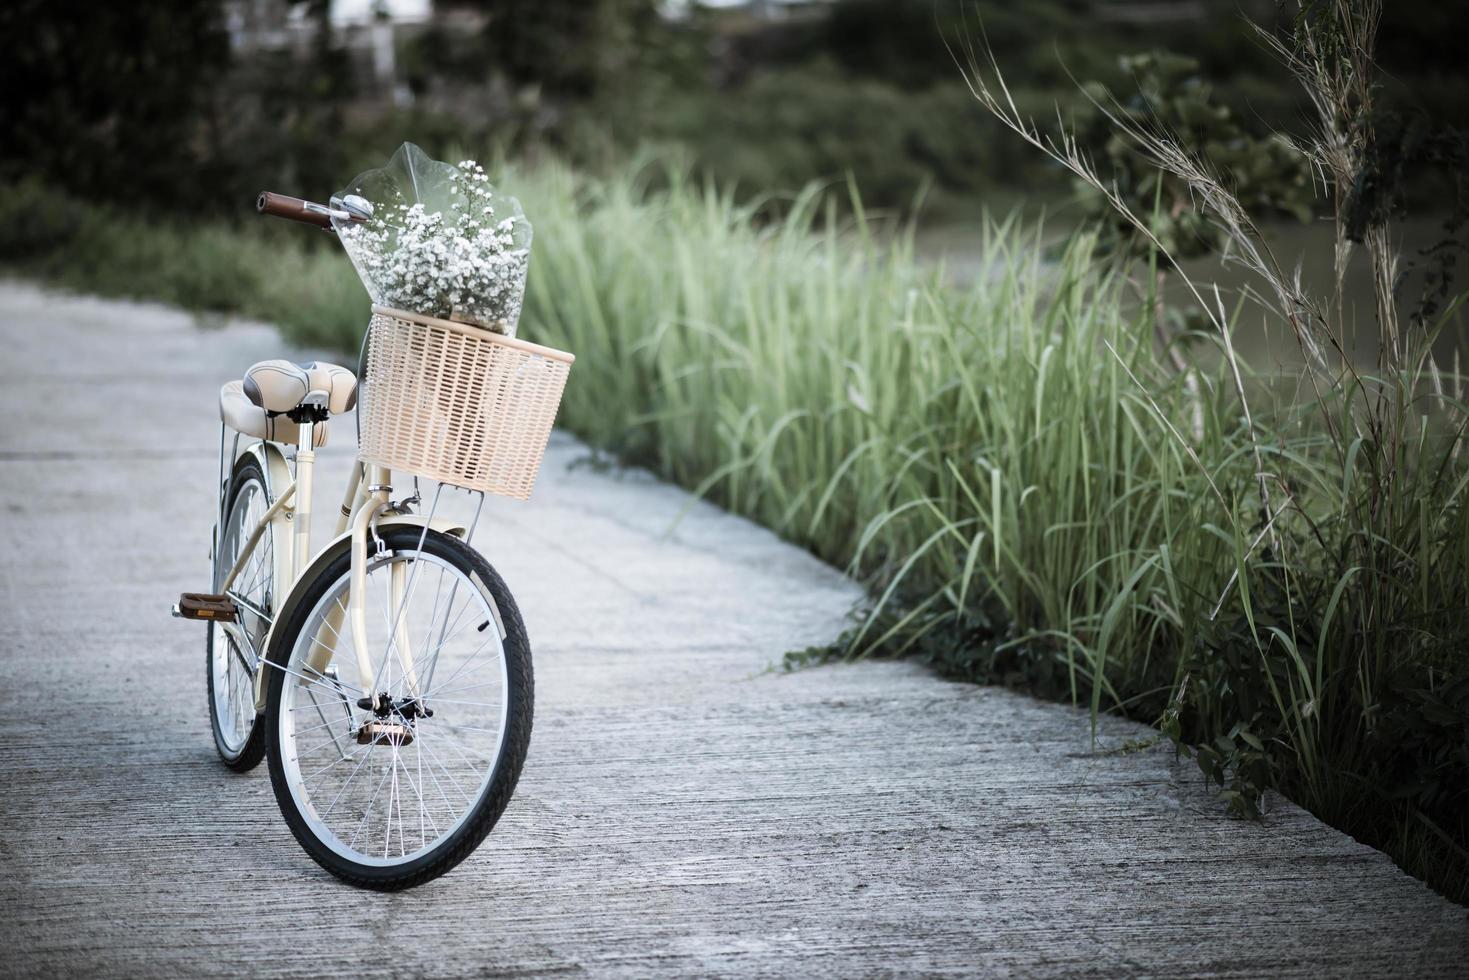 bicicletta parcheggiata in strada nel parco foto